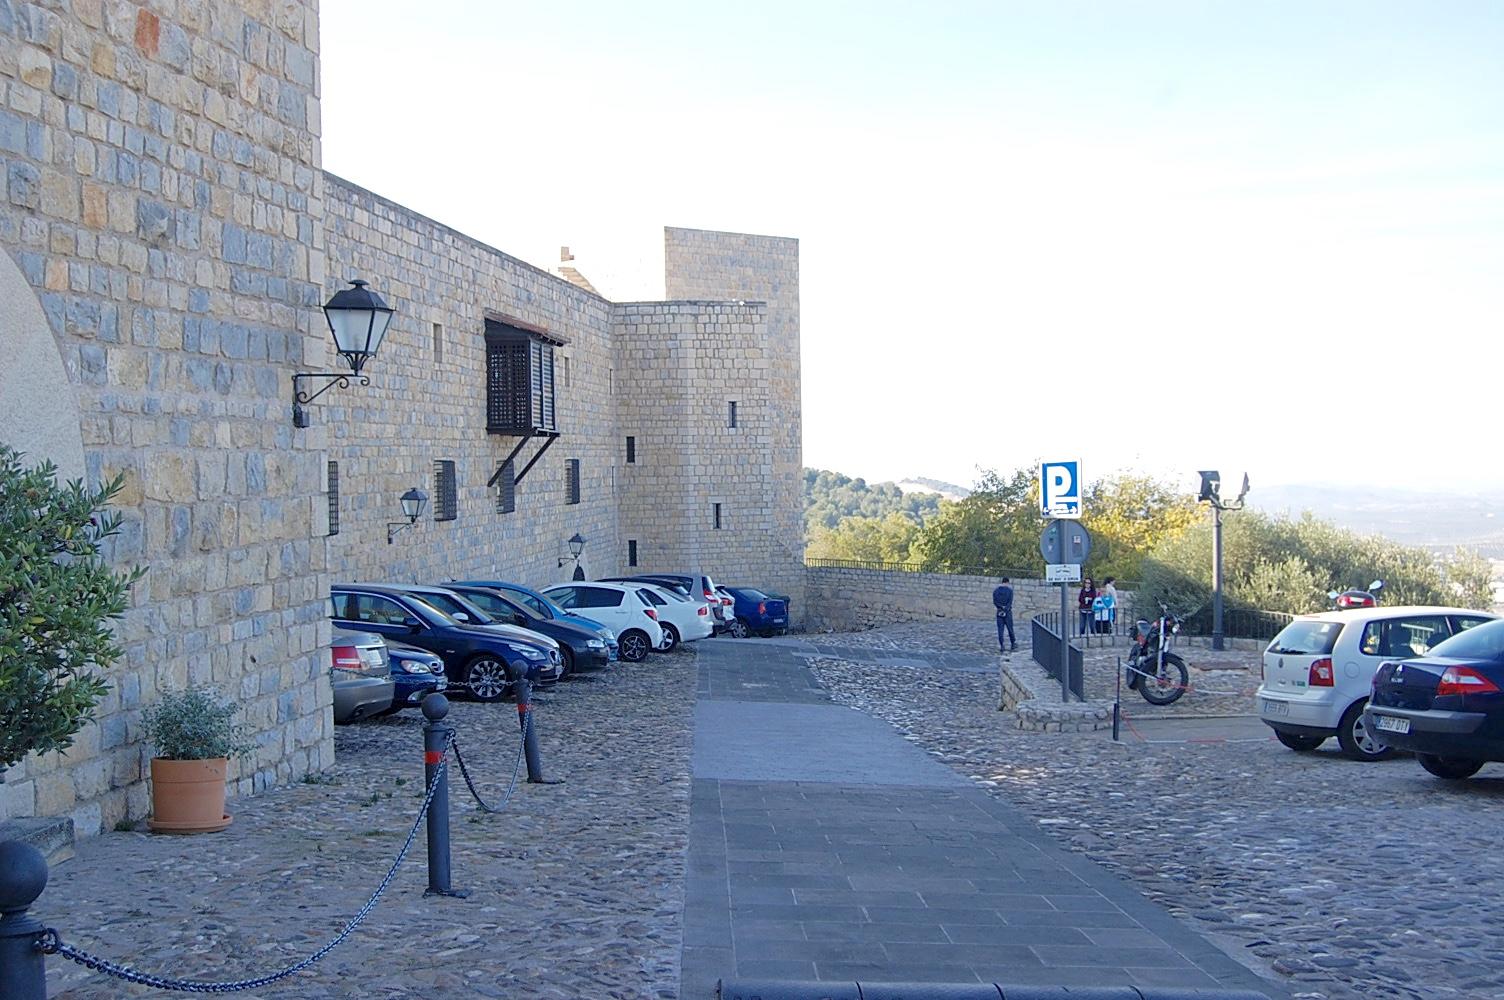 Castillo de Santa Catalina: a castle in Jaén - A World of